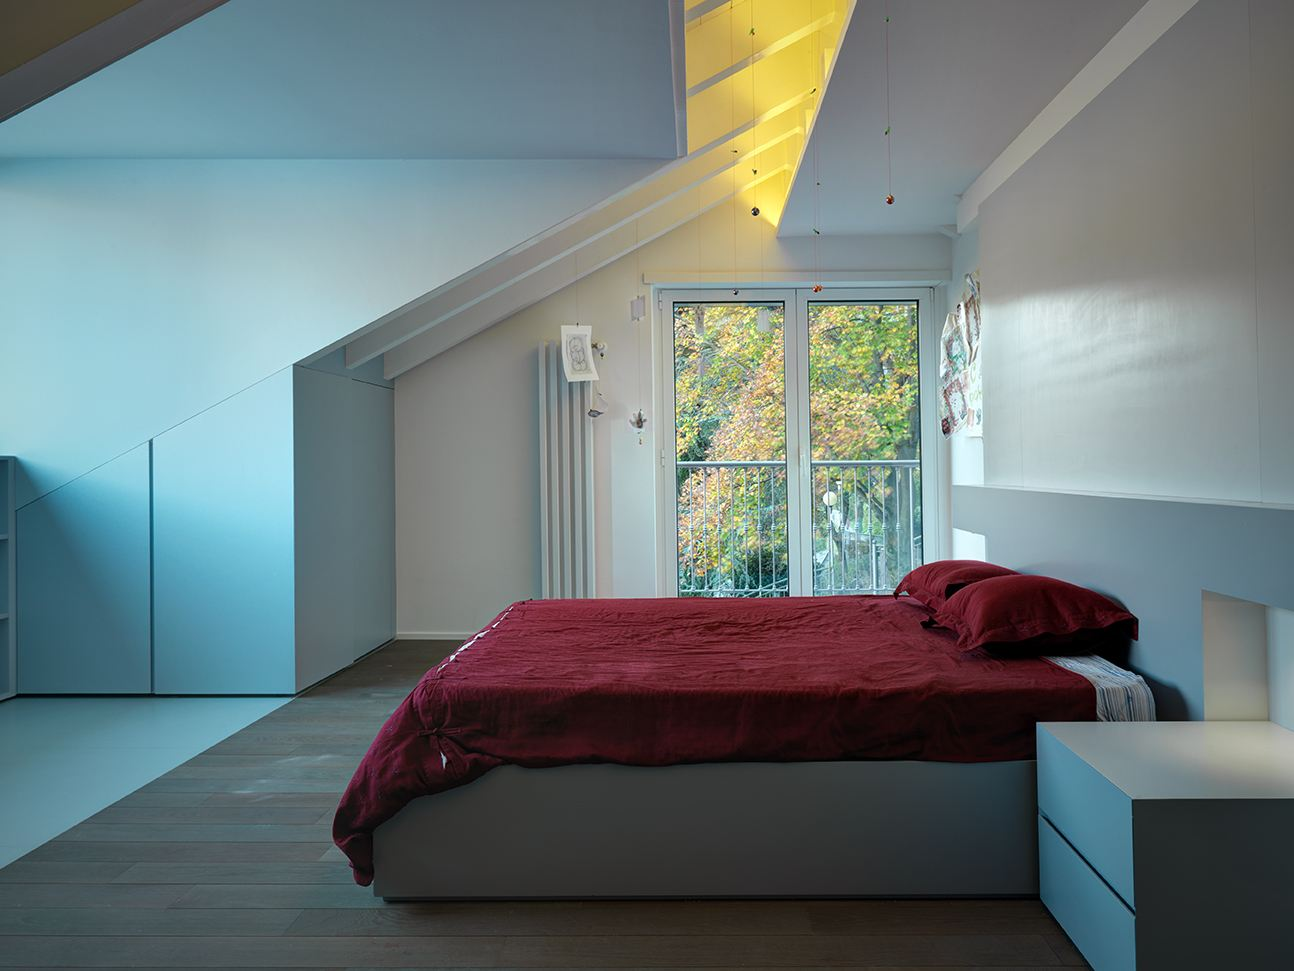 Camera Da Letto In Mansarda Bassa : Una camera per gli ospiti semplice ...